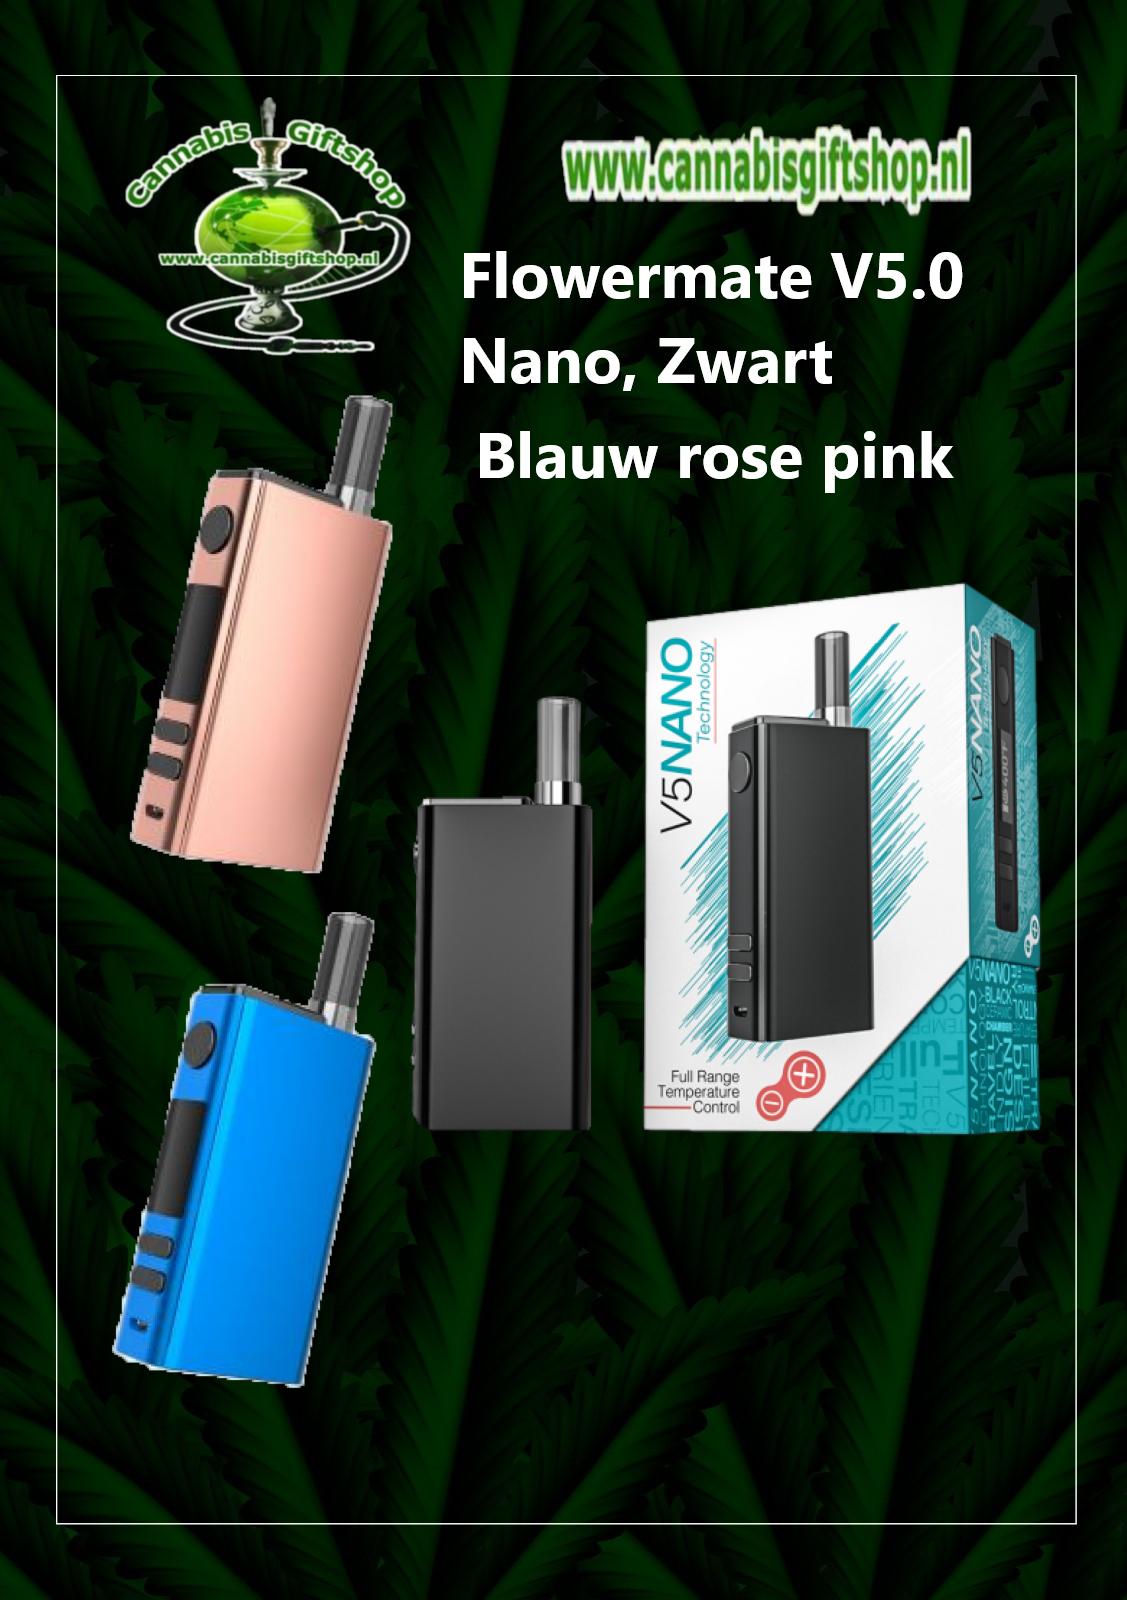 Flowermate V5.0 Nano, blauw zwart pink rose